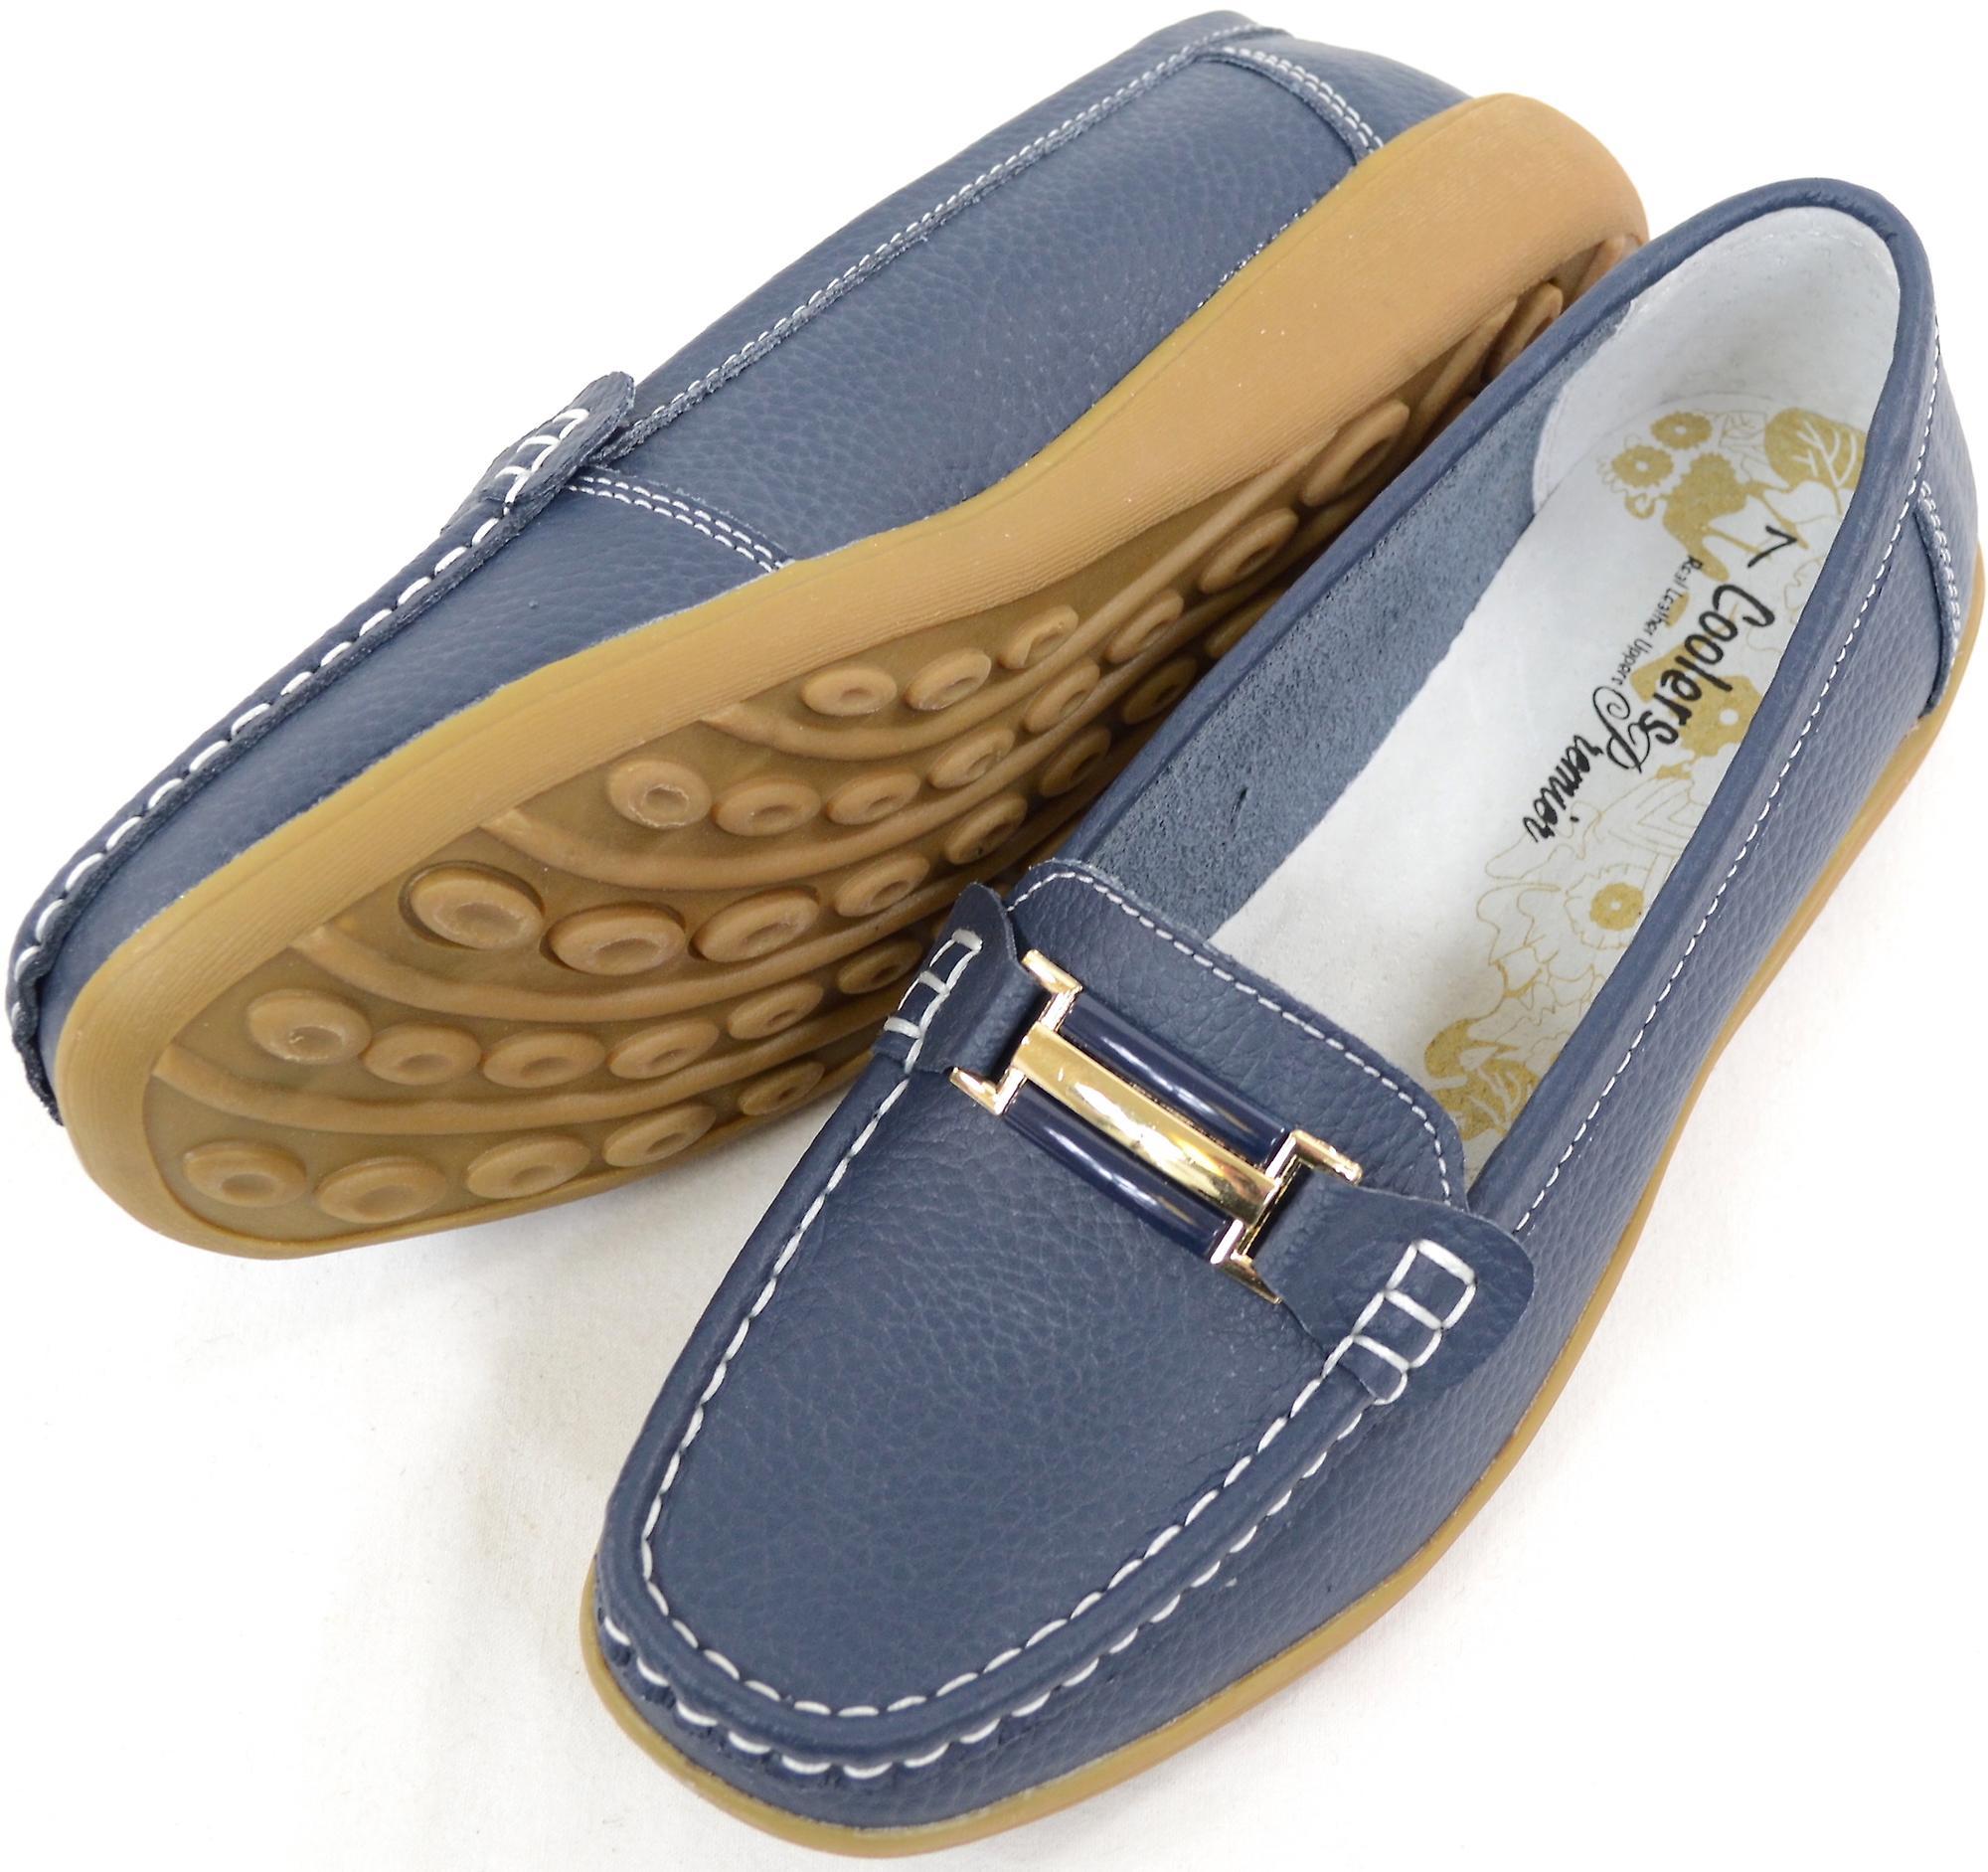 Damen / Damen Leder Smart / Casual / Sommer Slipper Schuhe - Navy - UK 5